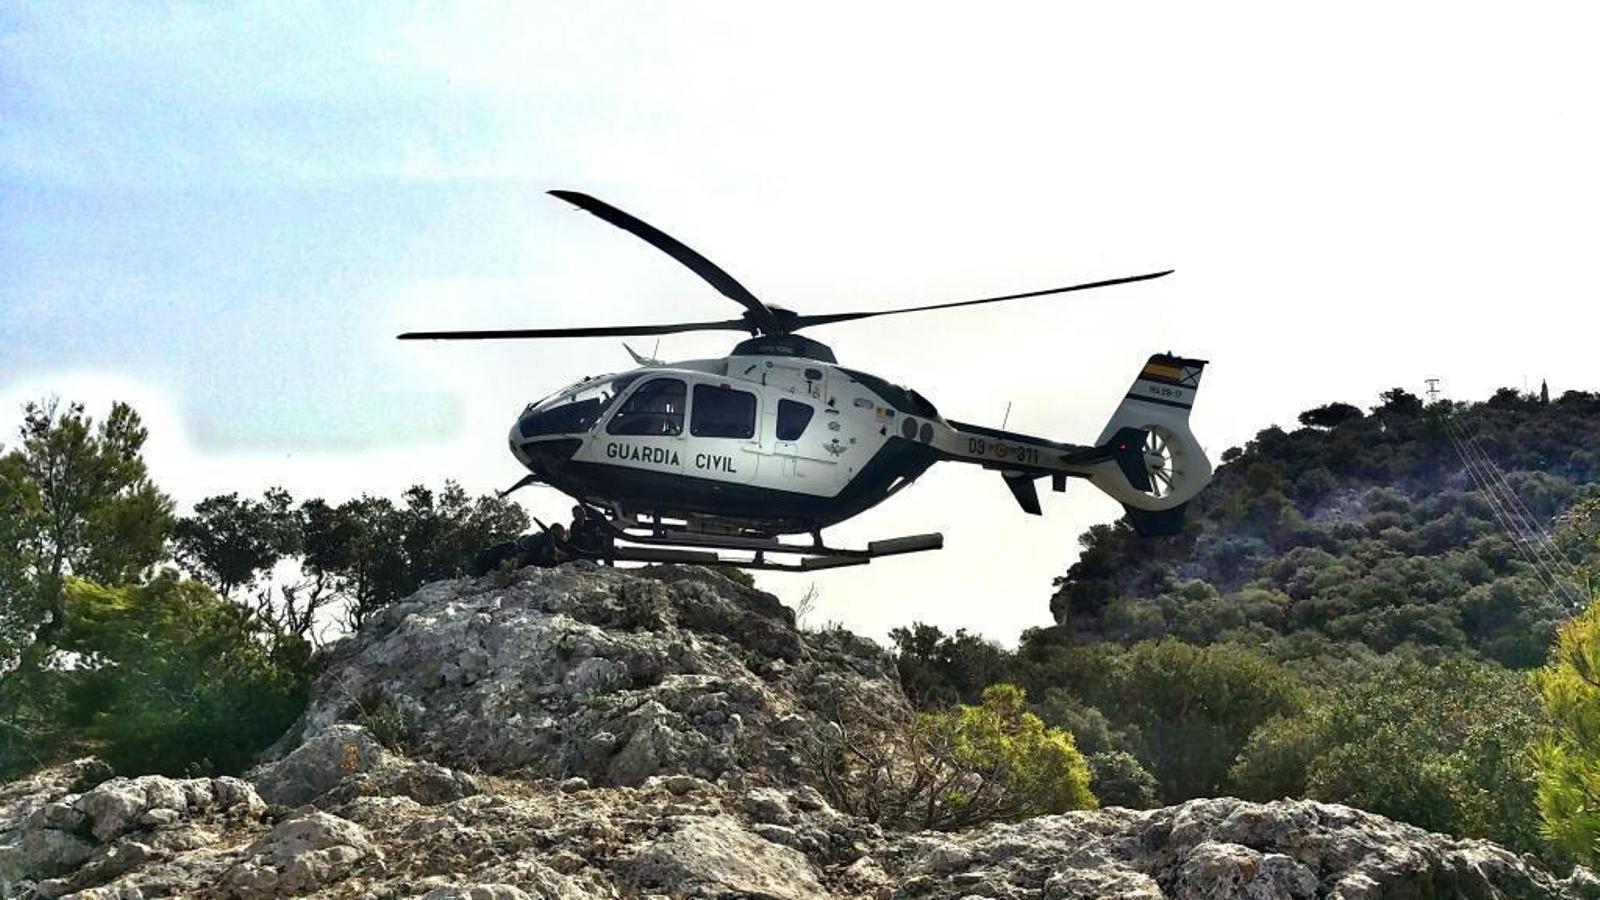 Un helicòpter de la Guàrdia Civil en una imatge d'arxiu.